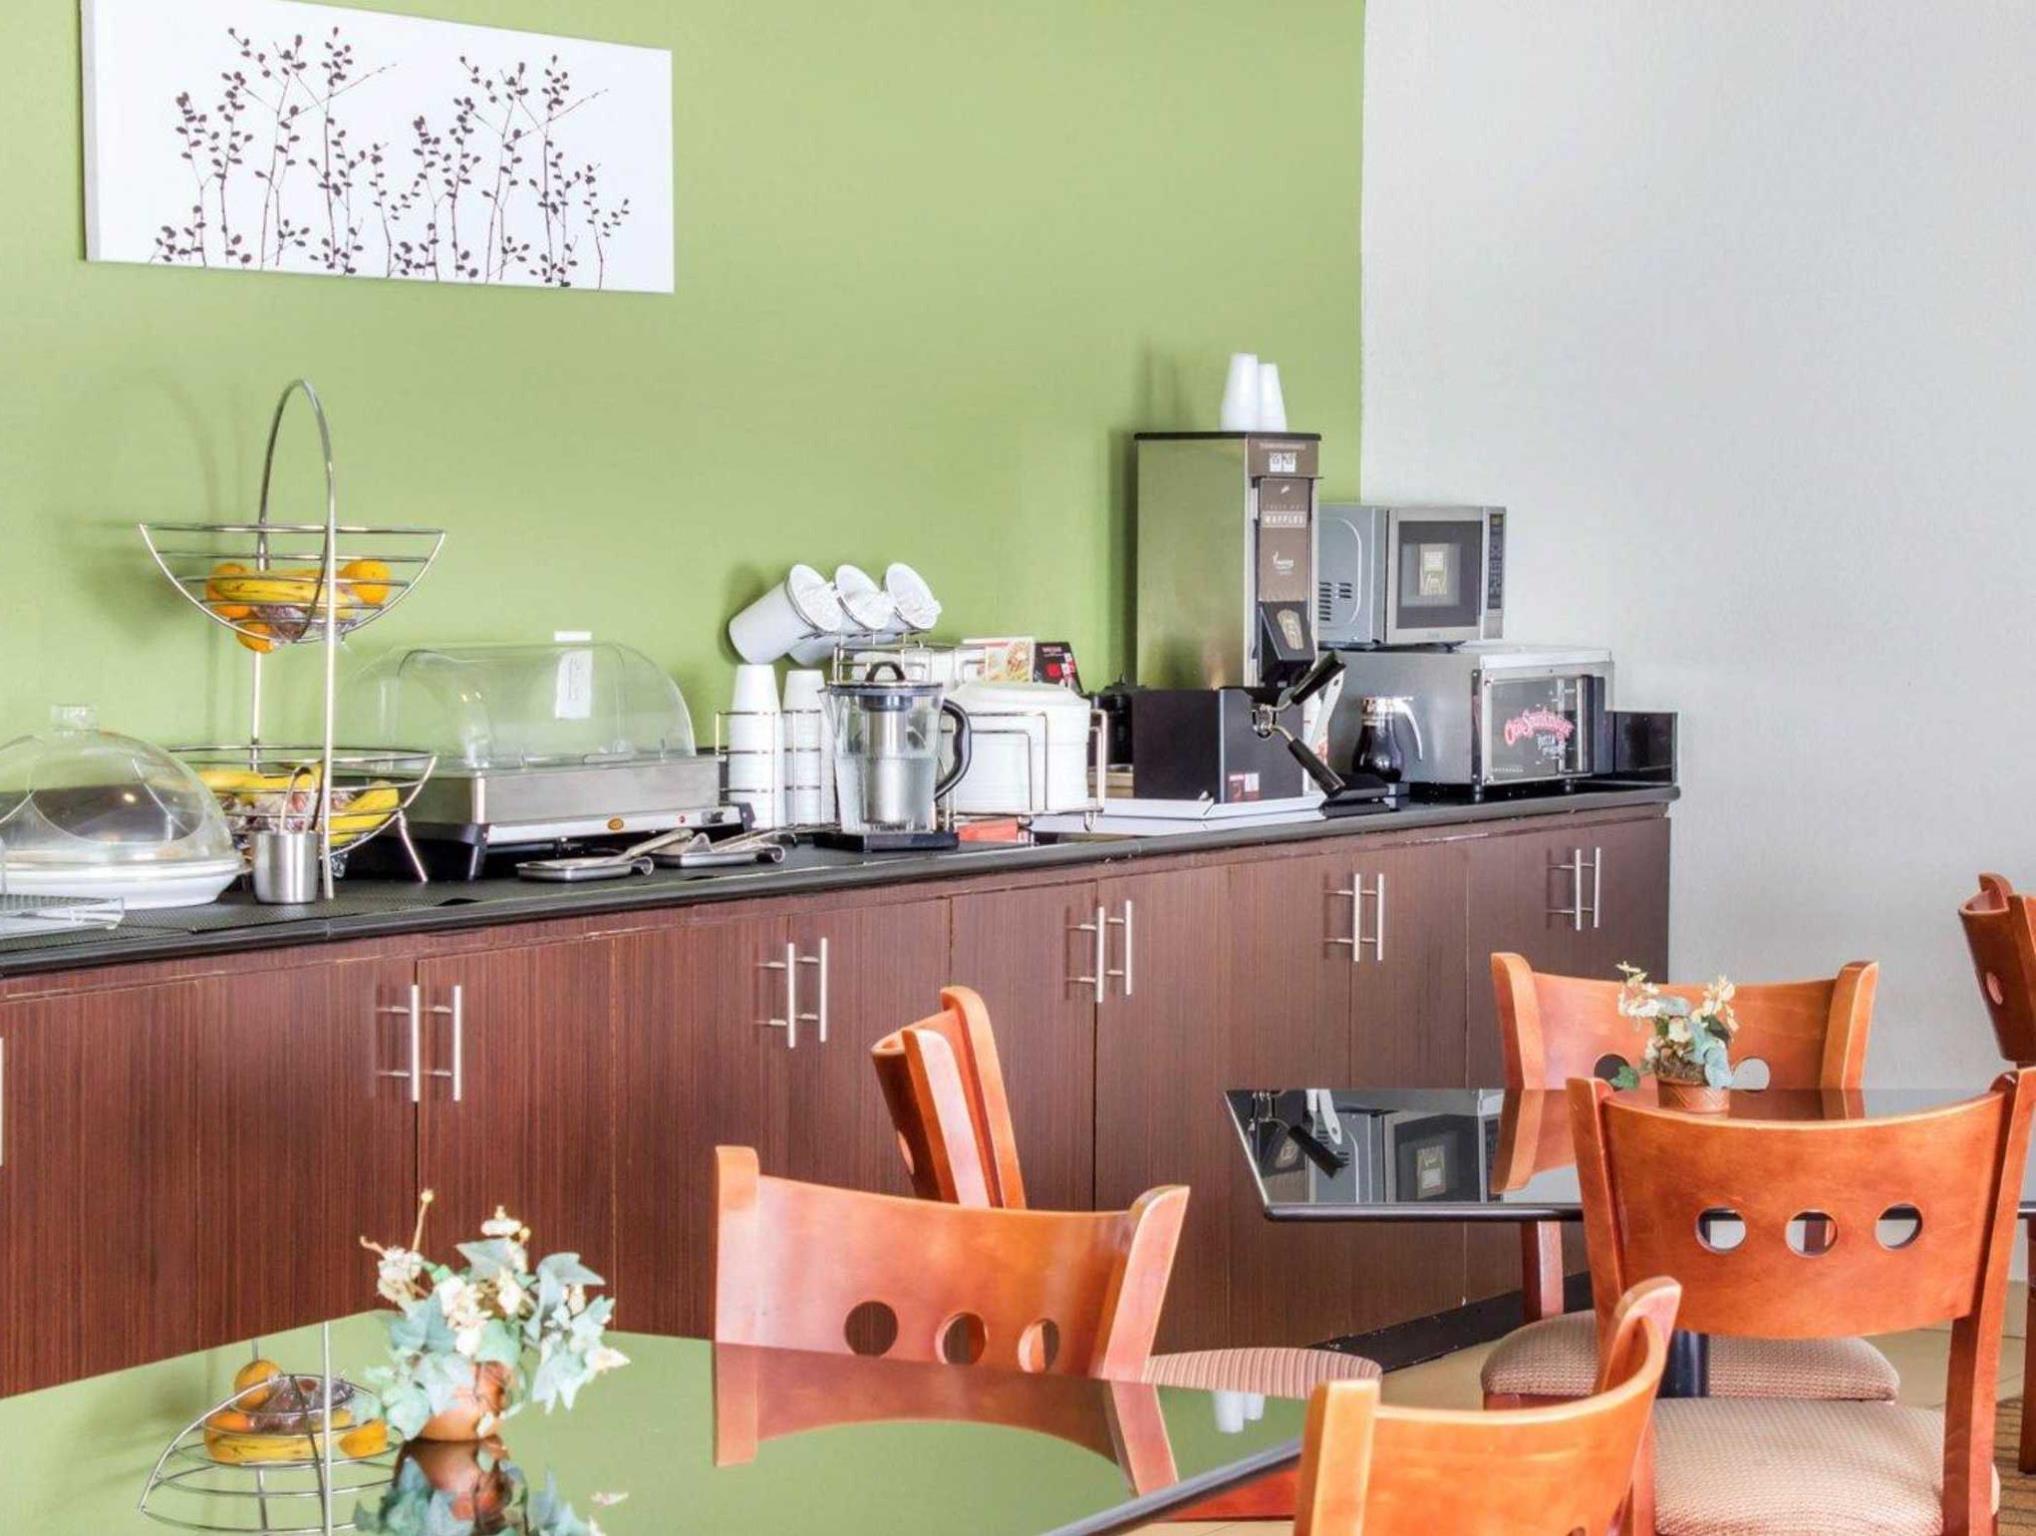 Hotel Paragon Village Apartment Studio by Yenia 6 - Jalan Kampung Galuga - Tangerang